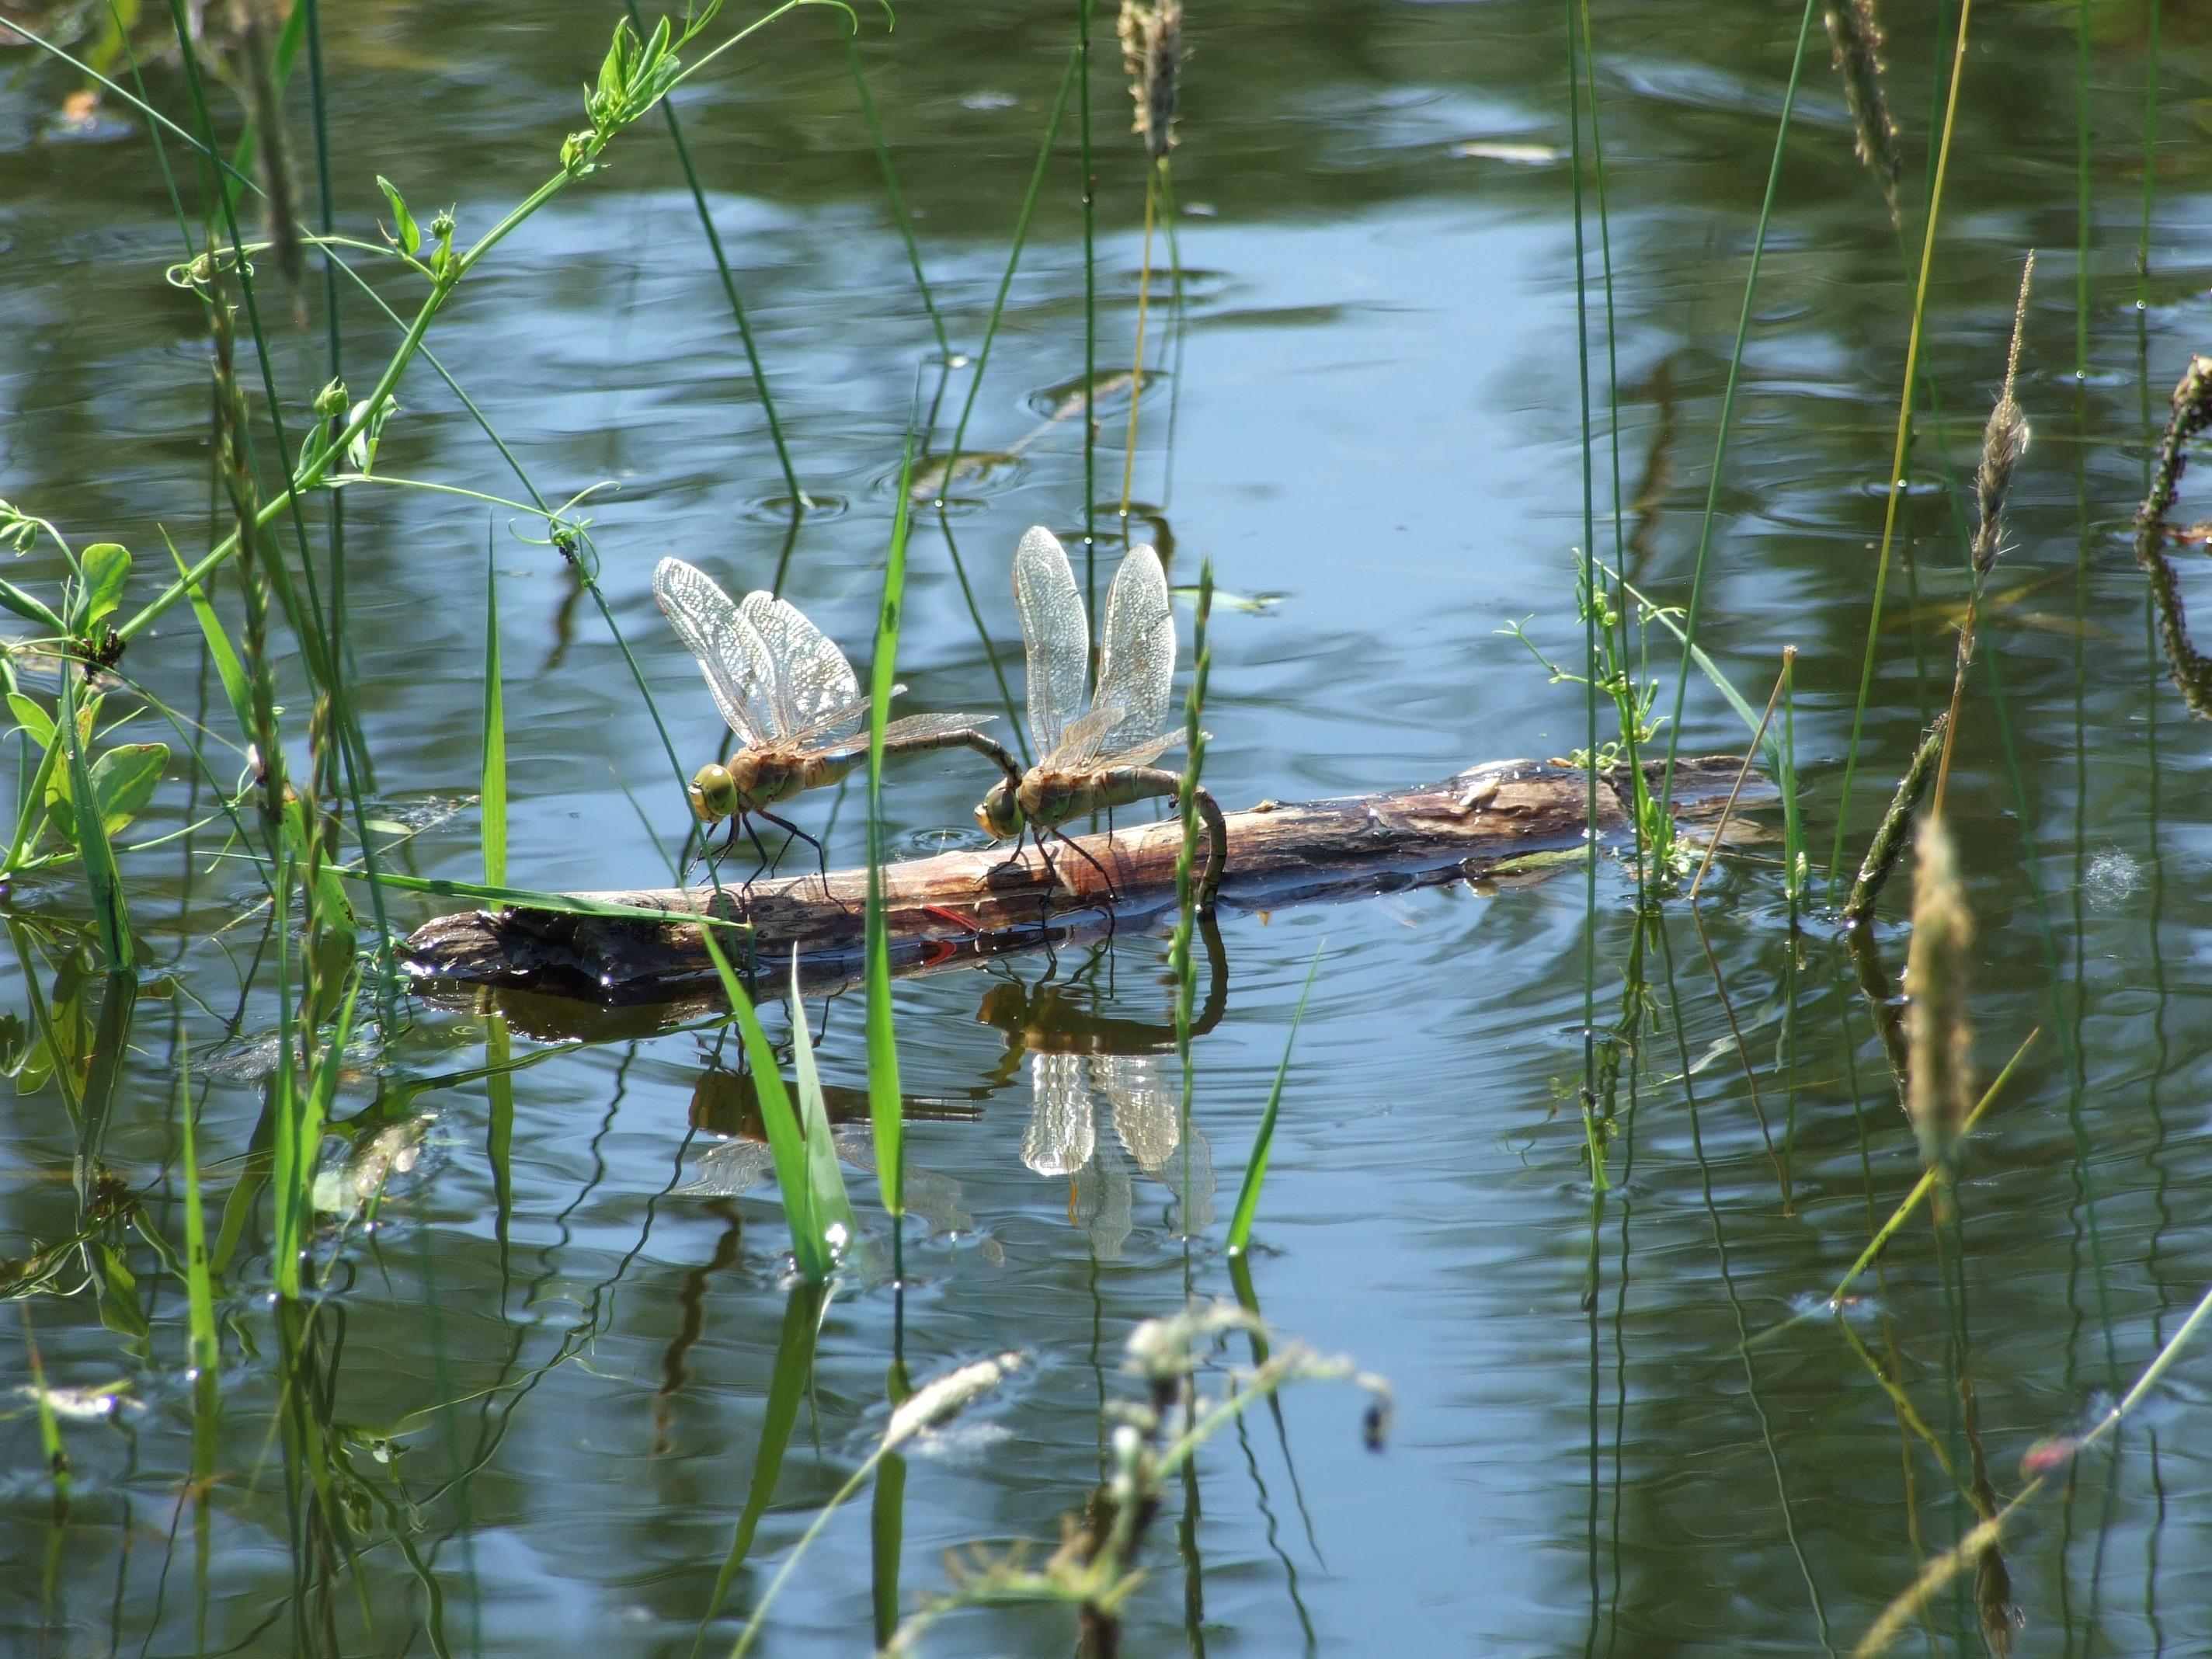 A magas vízállás más élőlények szaporodásának is kedvez. A szúnyogok legnagyobb ellenségei a szitakötők.